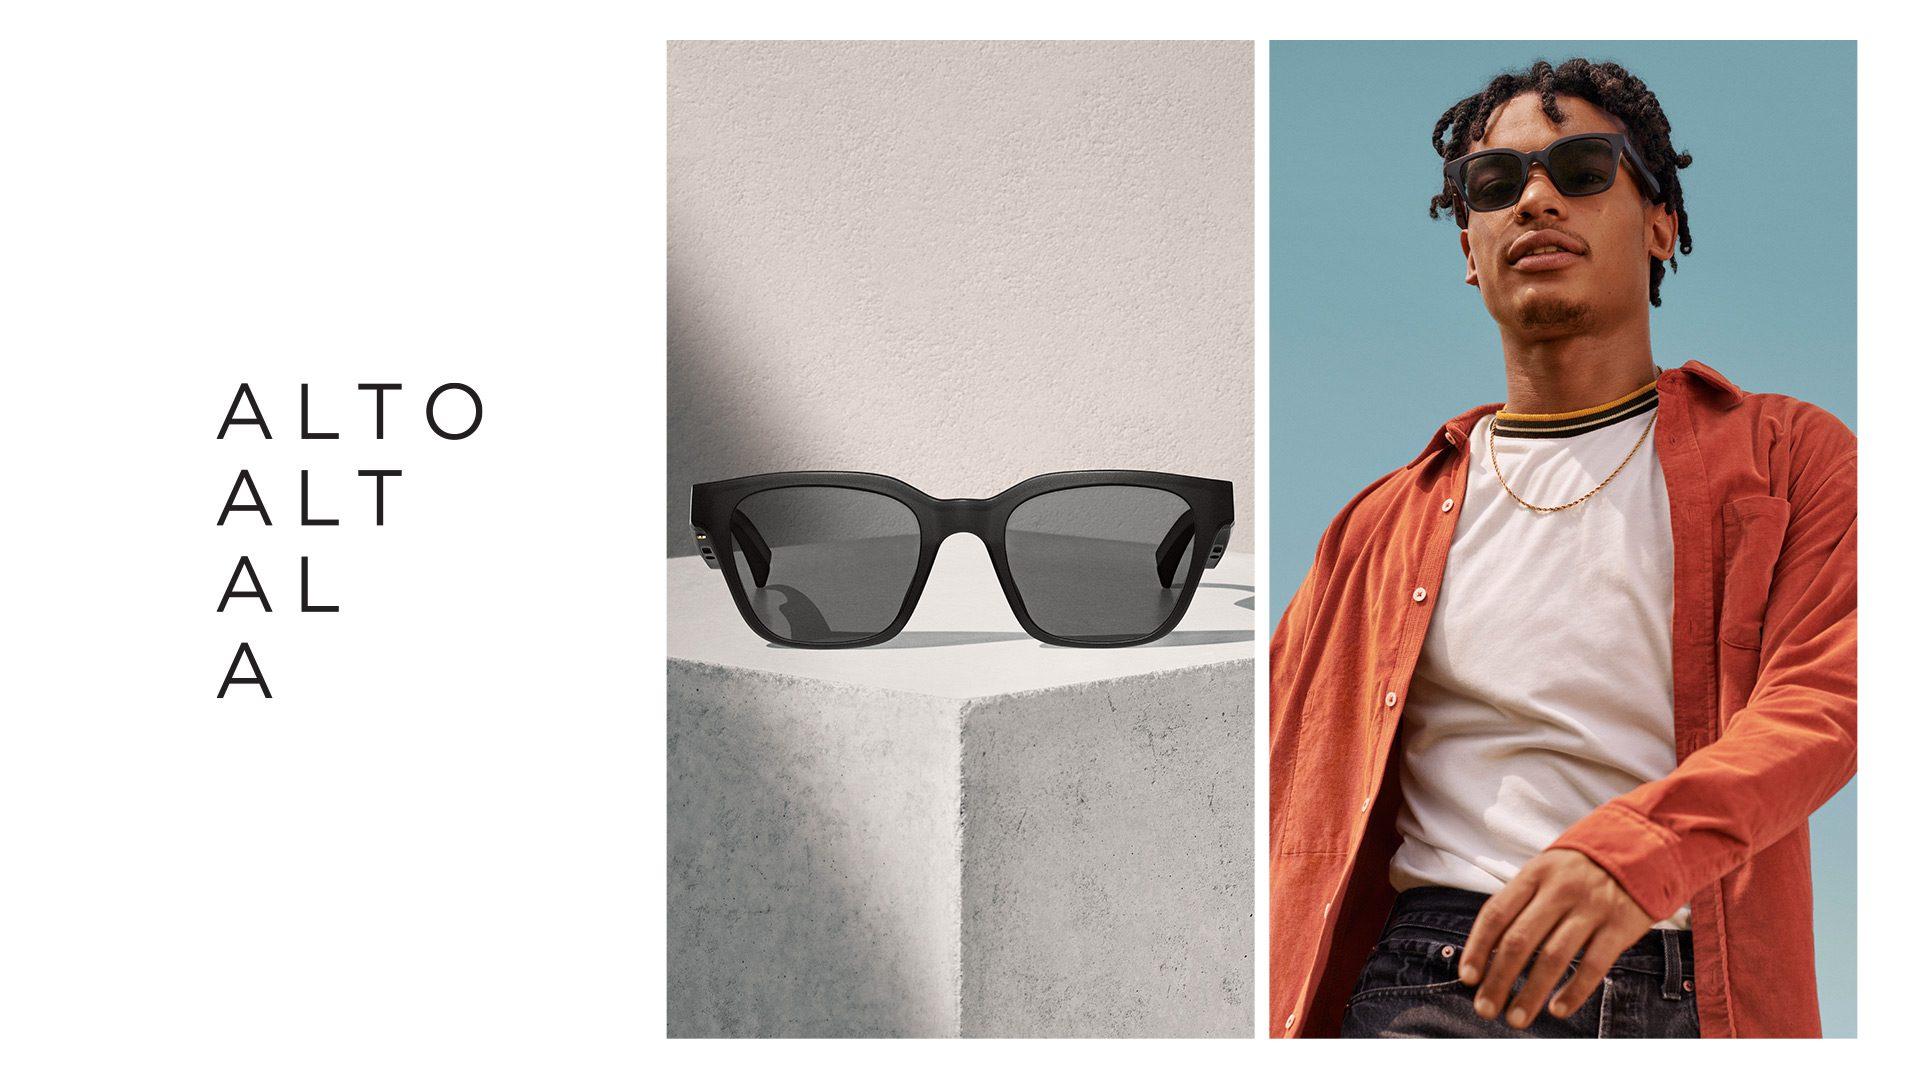 Frames, occhiali da sole con cuffia e AR integrati